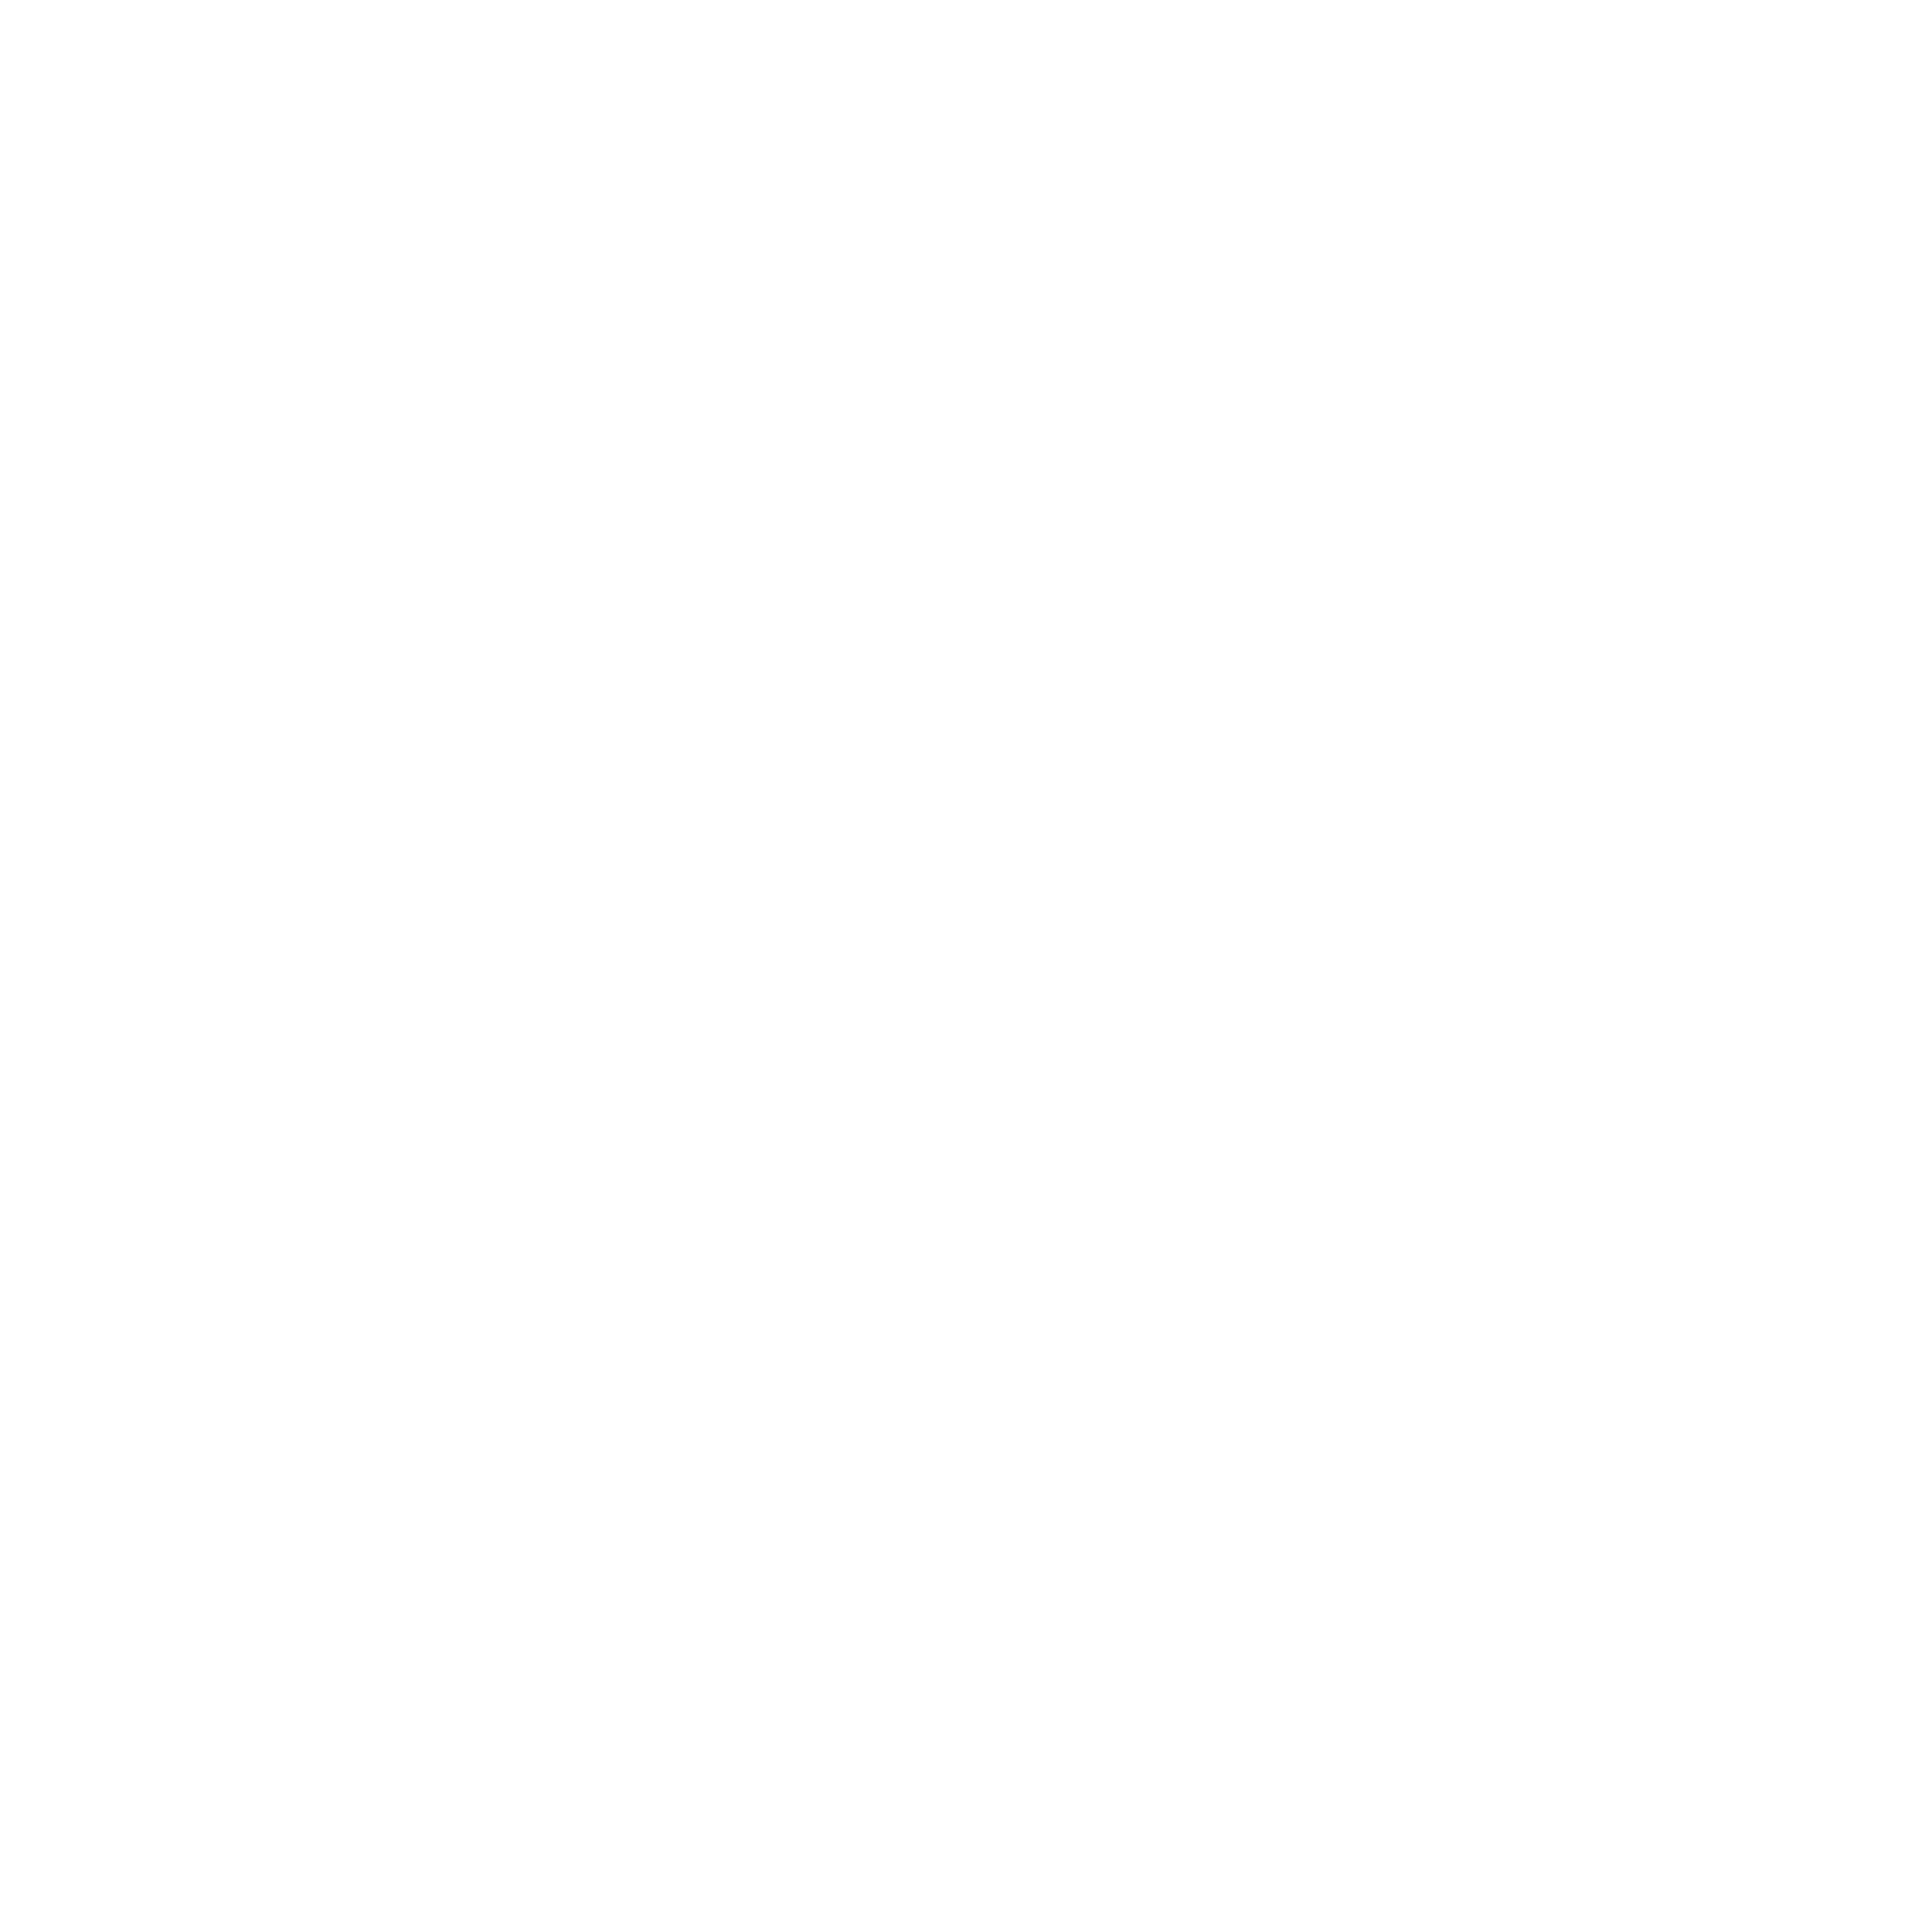 ANTIOCH_appLogoLight.png